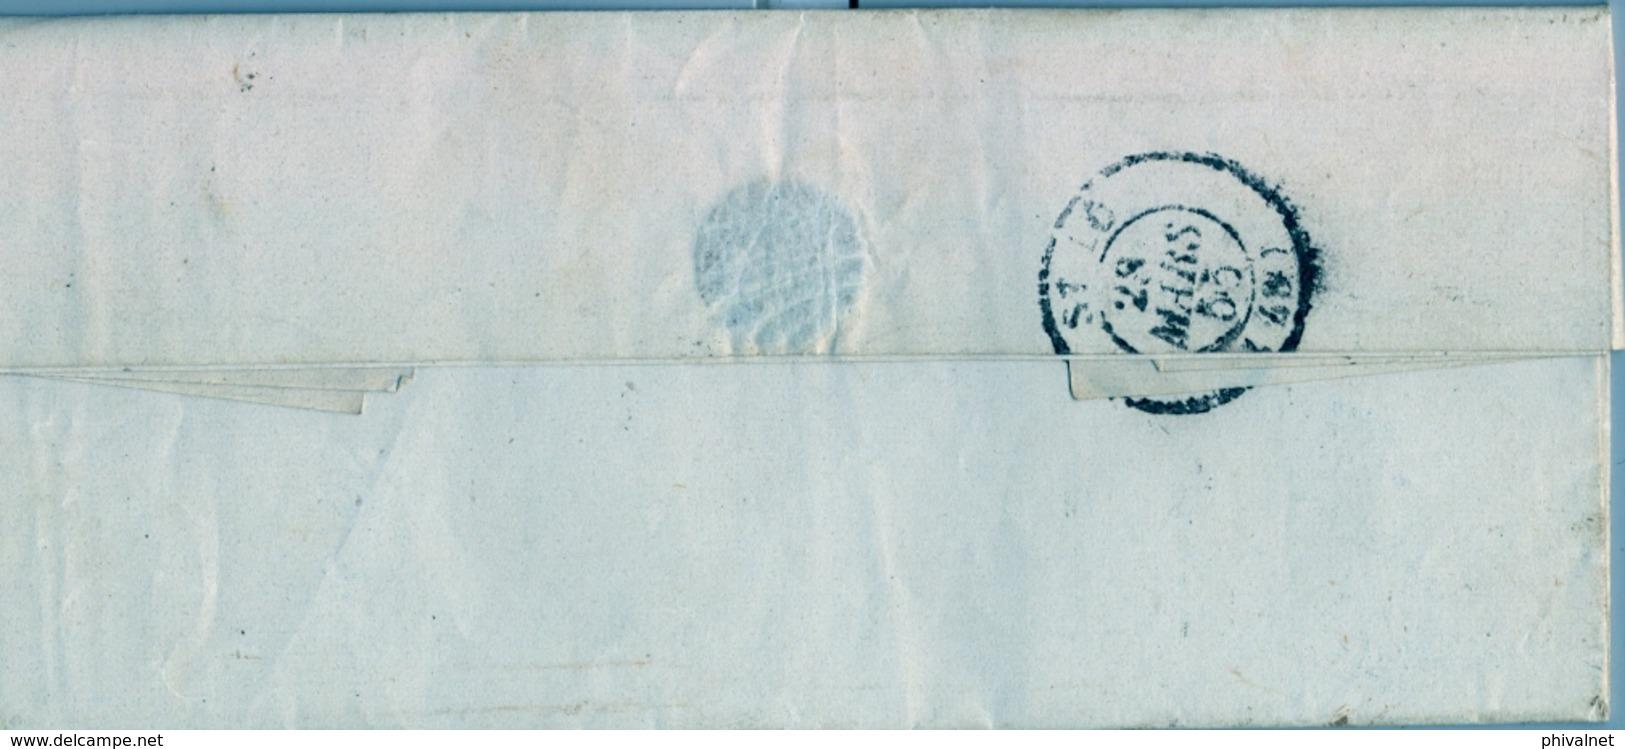 1855 FRANCIA , CARTA CIRCULADA , BAYEUX - SAINT LO , LLEGADA - Marcofilia (sobres)